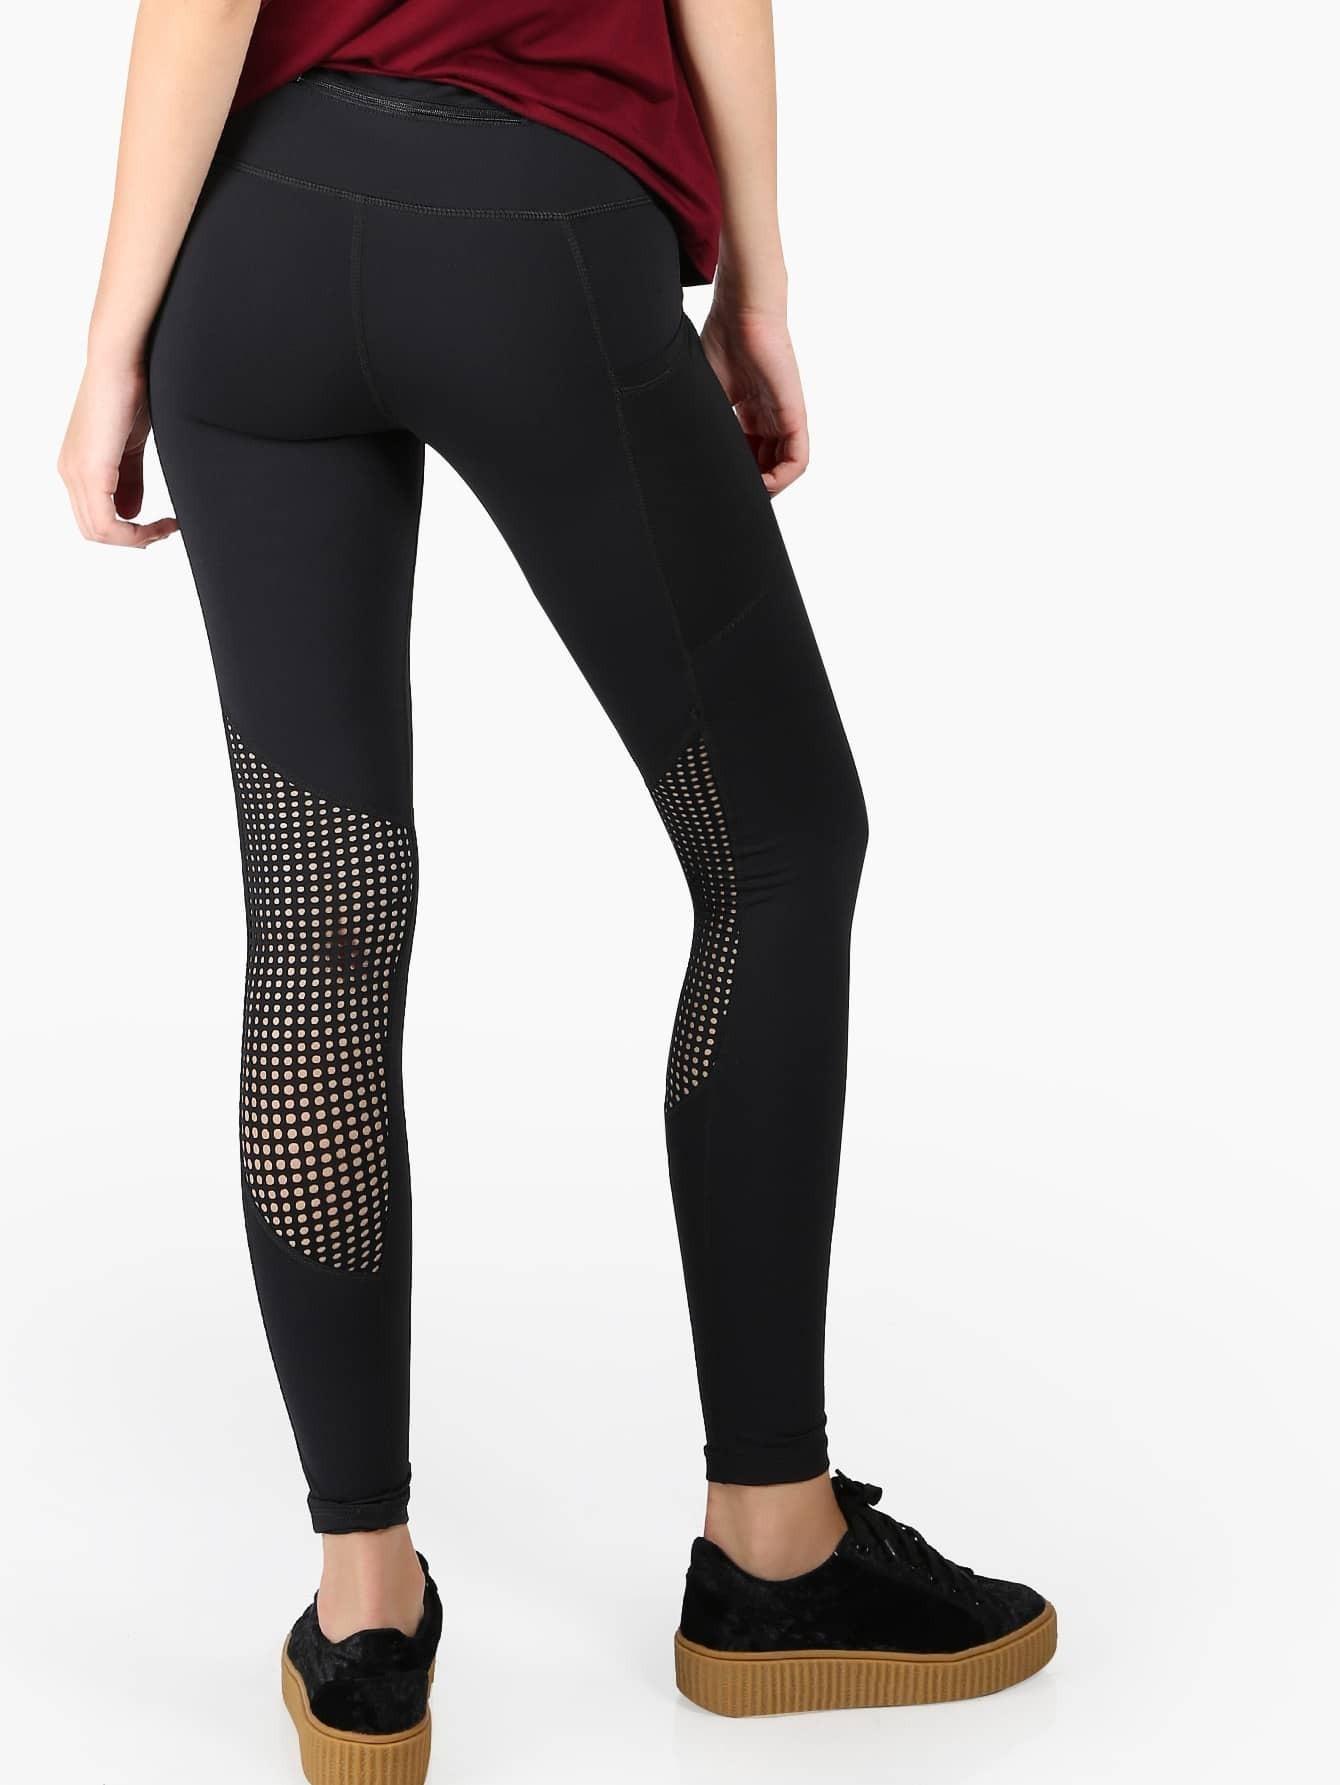 Perforated Mesh Activewear Leggings